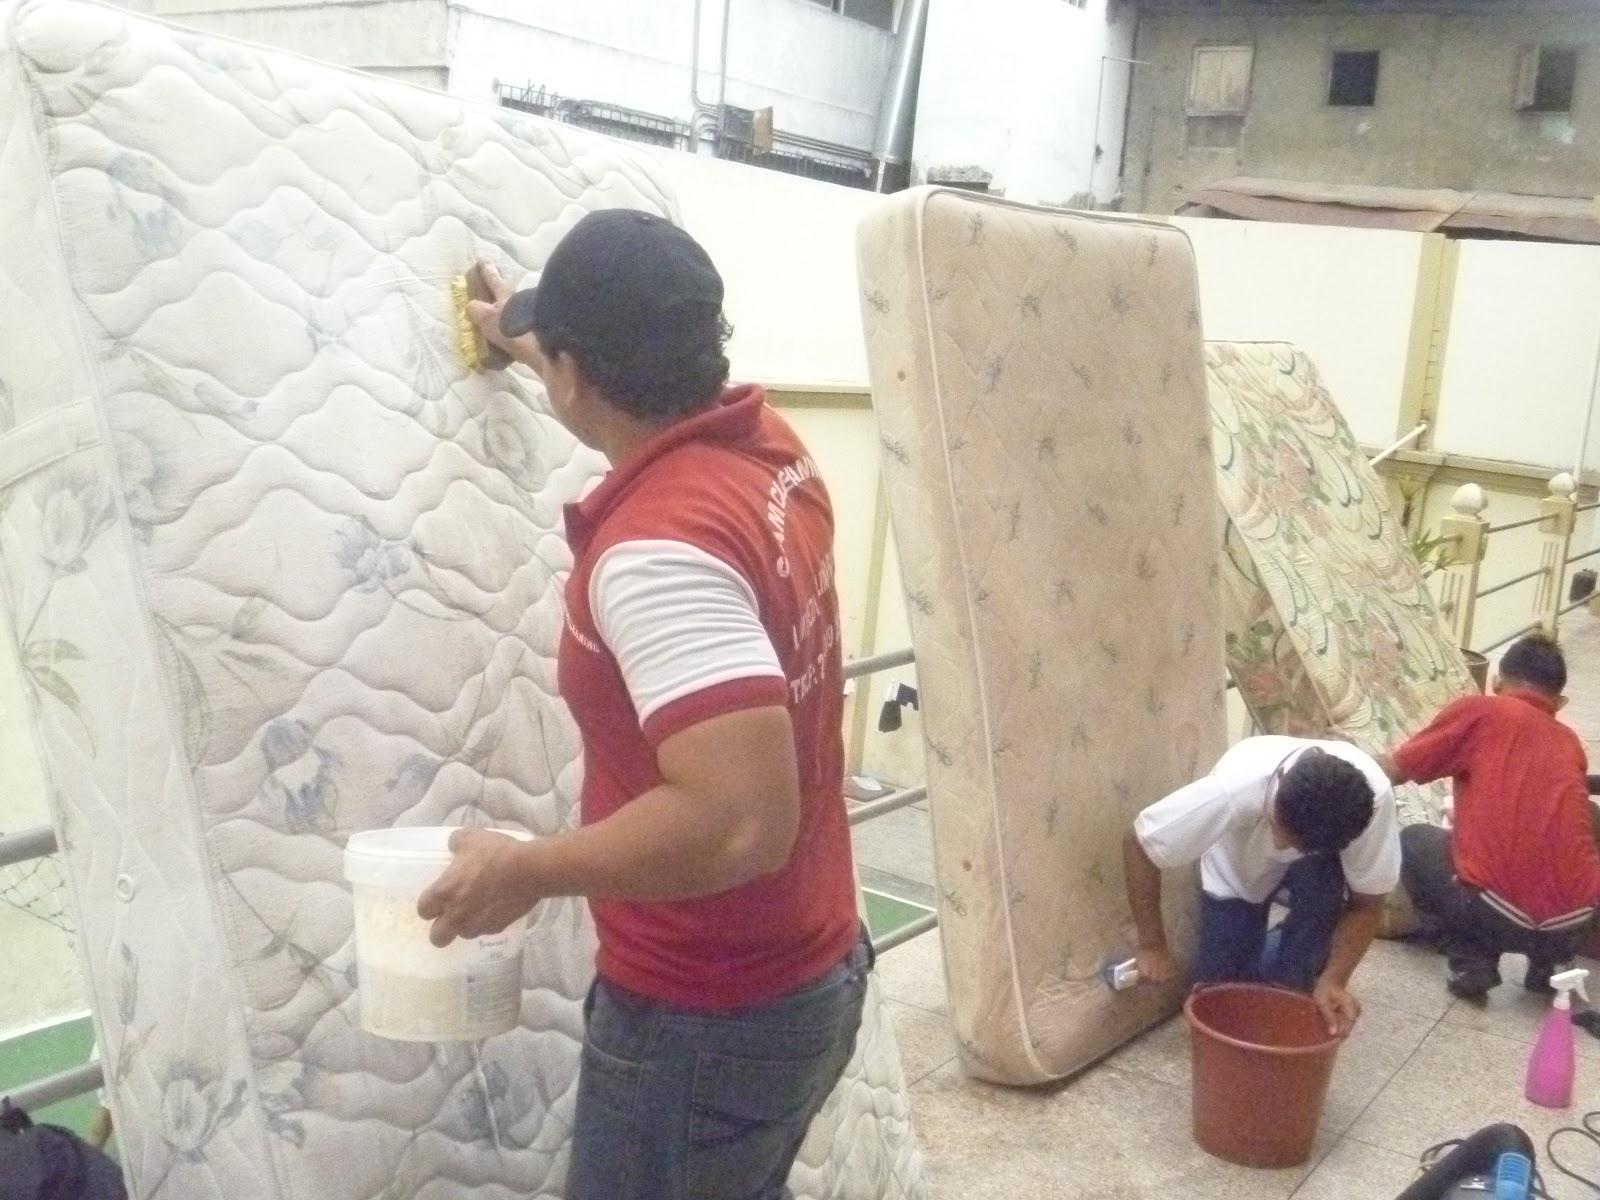 Como limpiar alfombras en seco with como limpiar for Jabon neutro para limpiar muebles